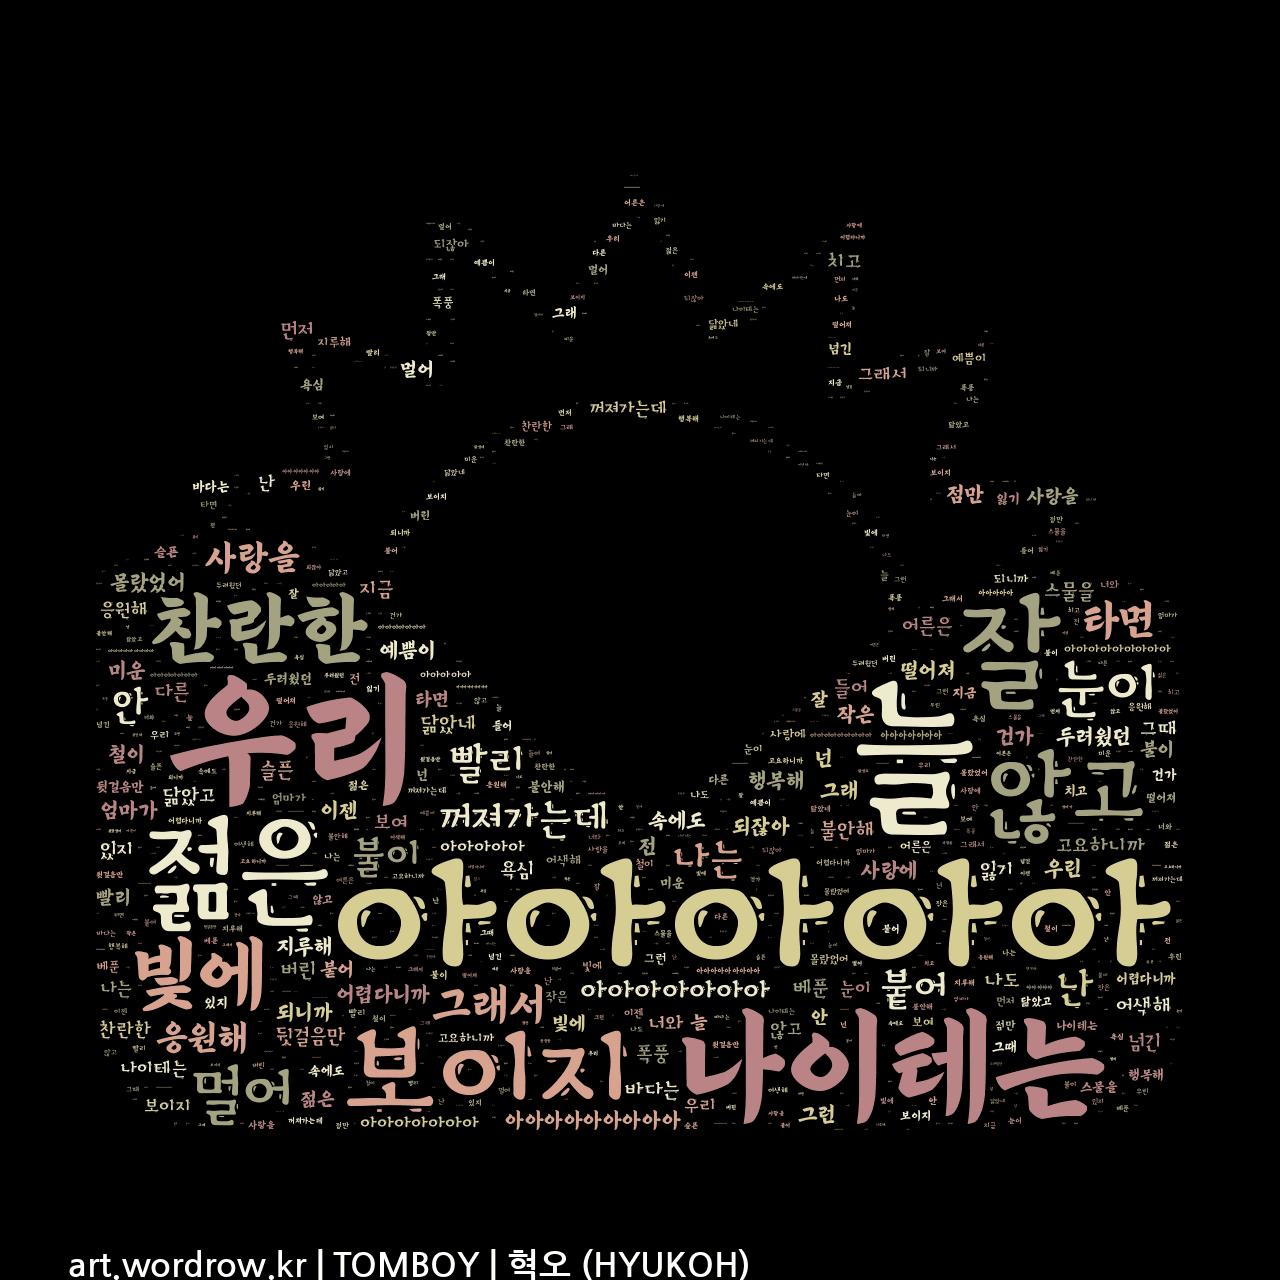 워드 클라우드: TOMBOY [혁오 (HYUKOH)]-39